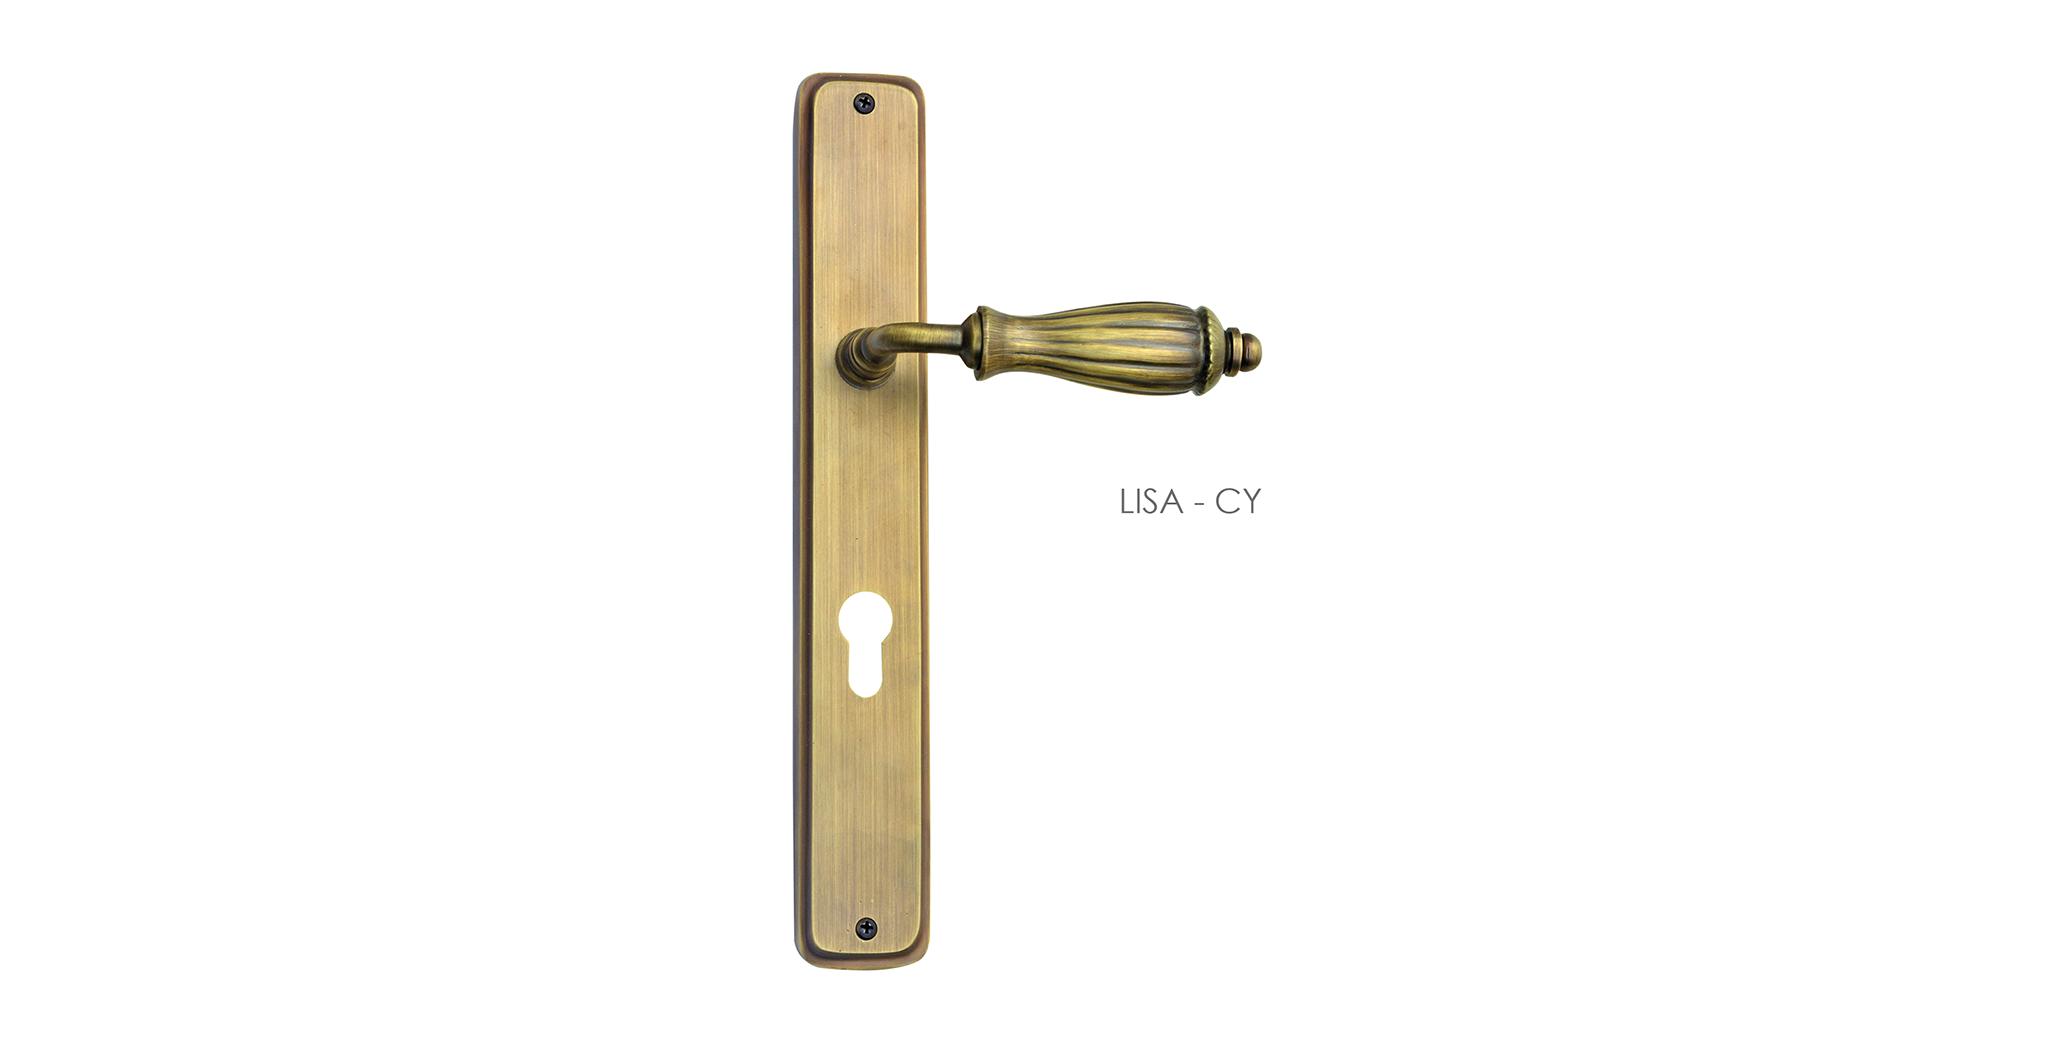 Classic Mortise Door Handle & Lock On Plate  For Restaurants